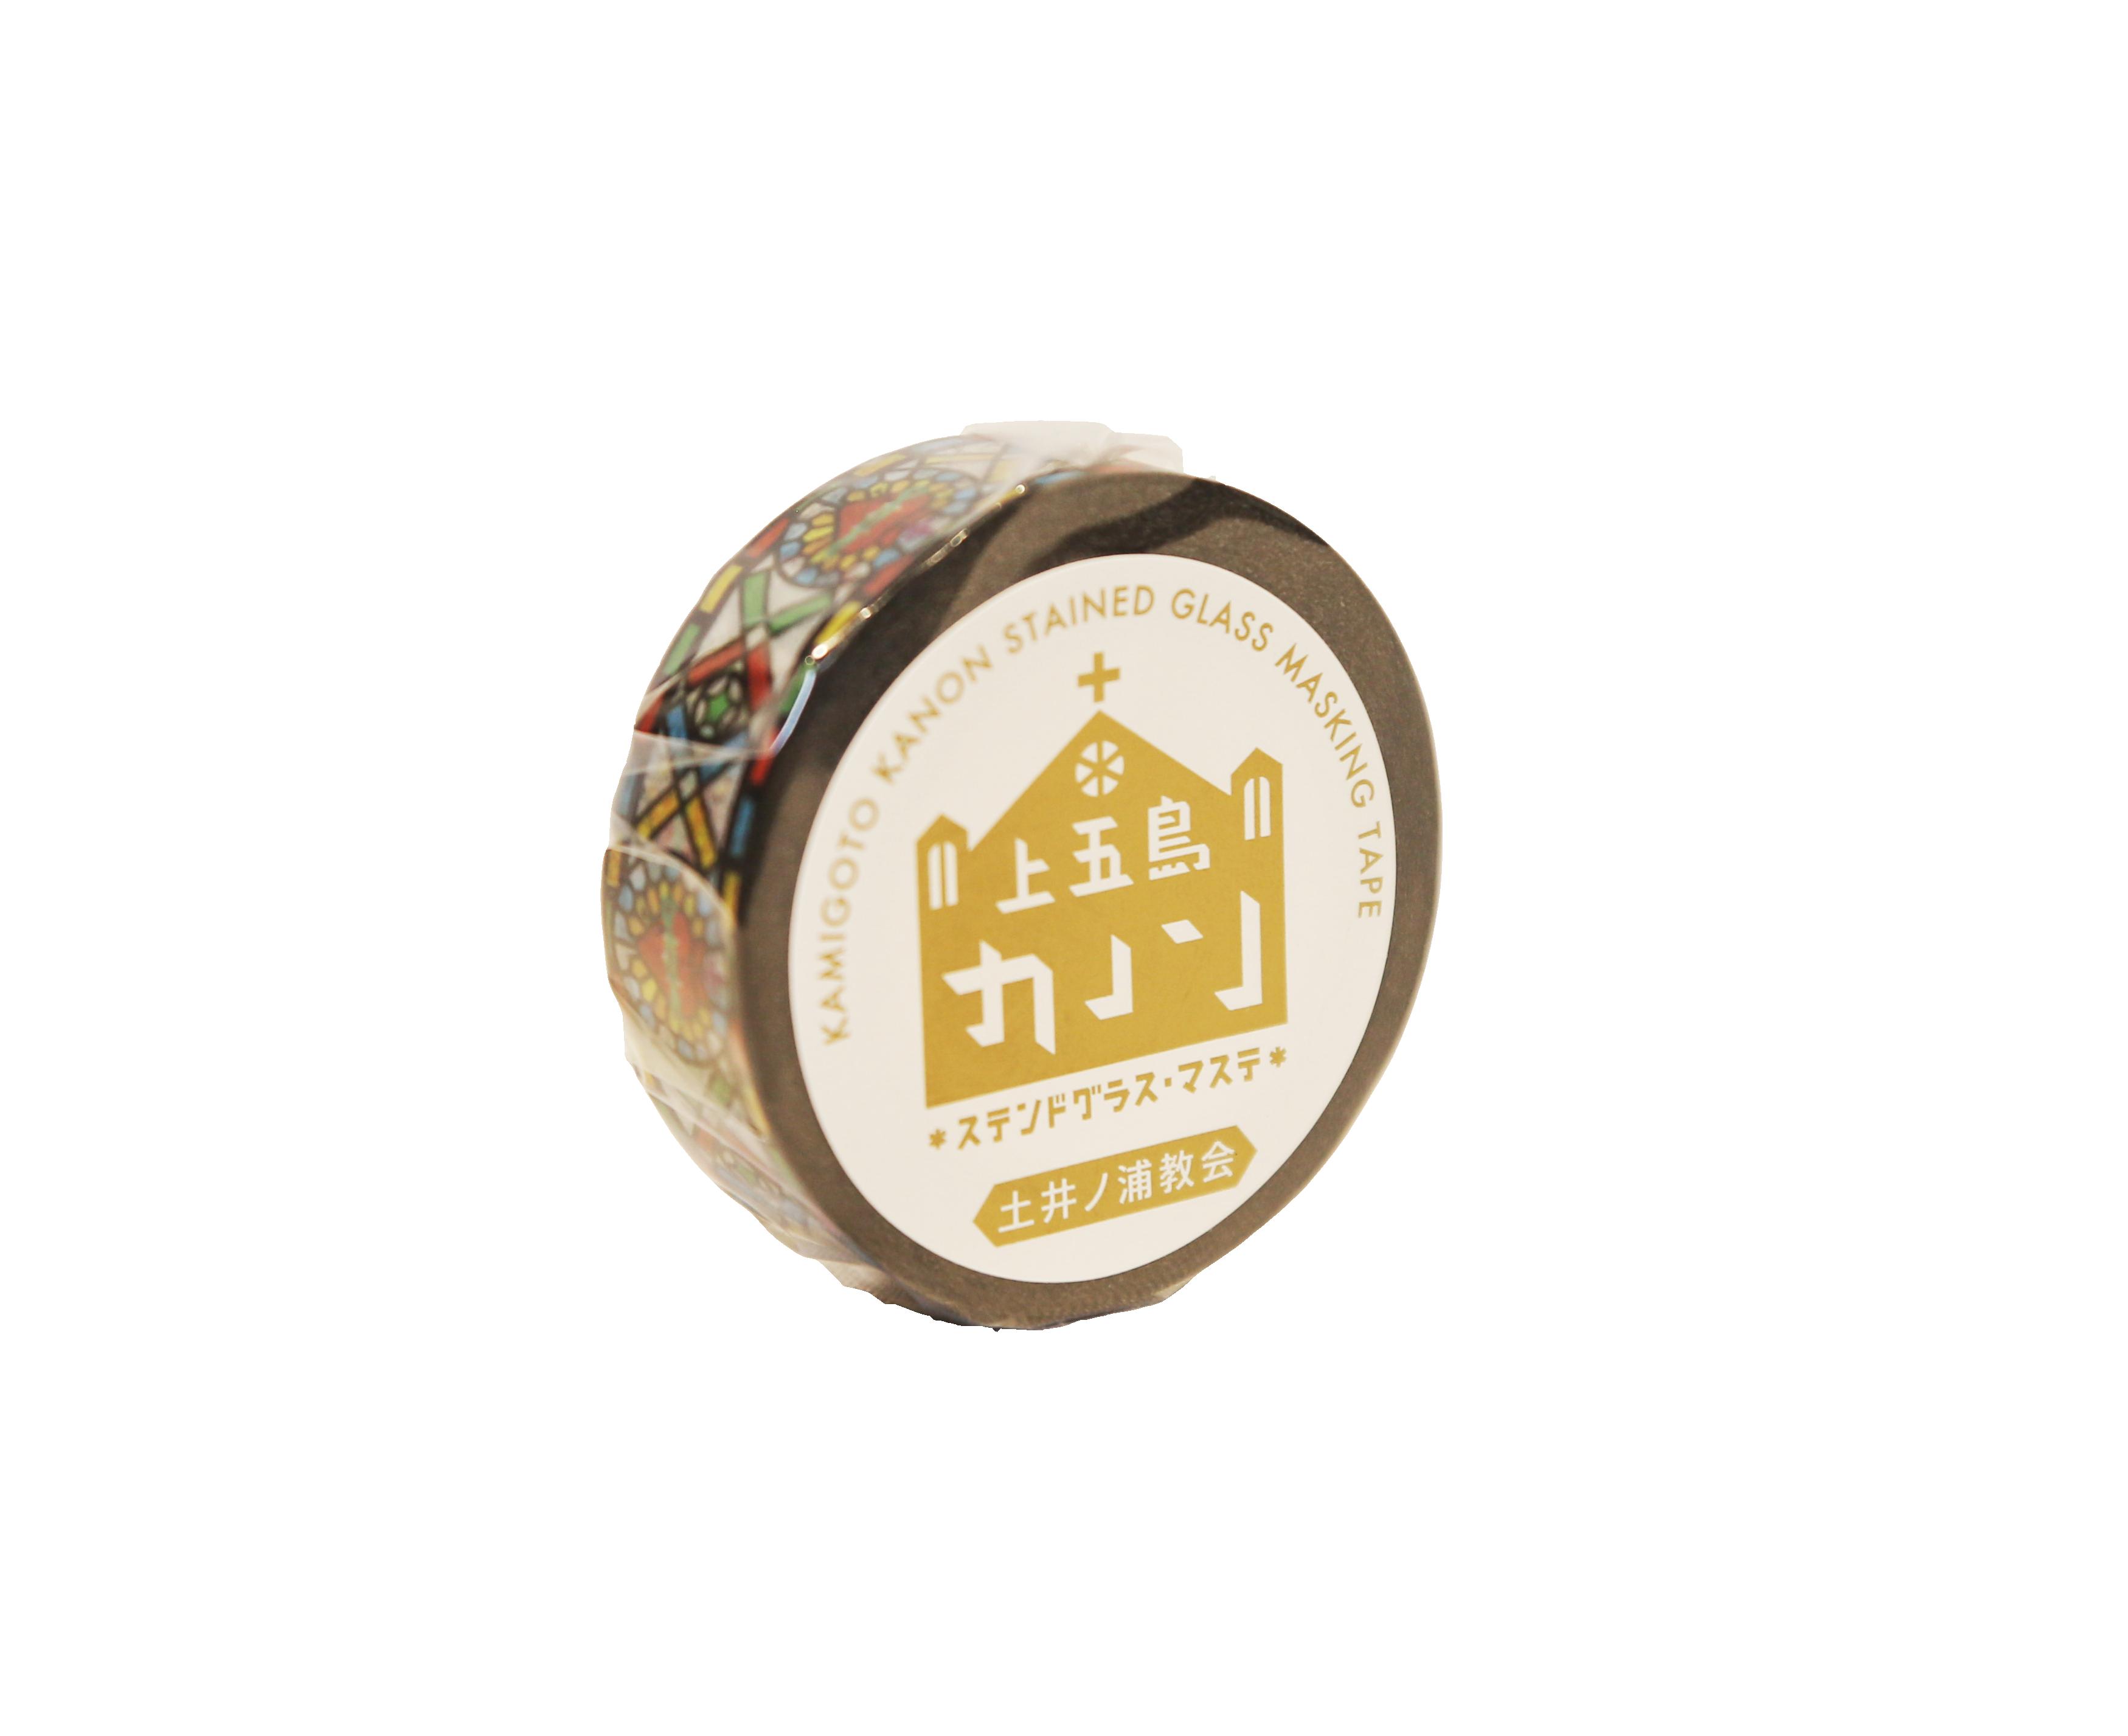 上五島カノン マスキングテープ 土井ノ浦教会 【Creo】